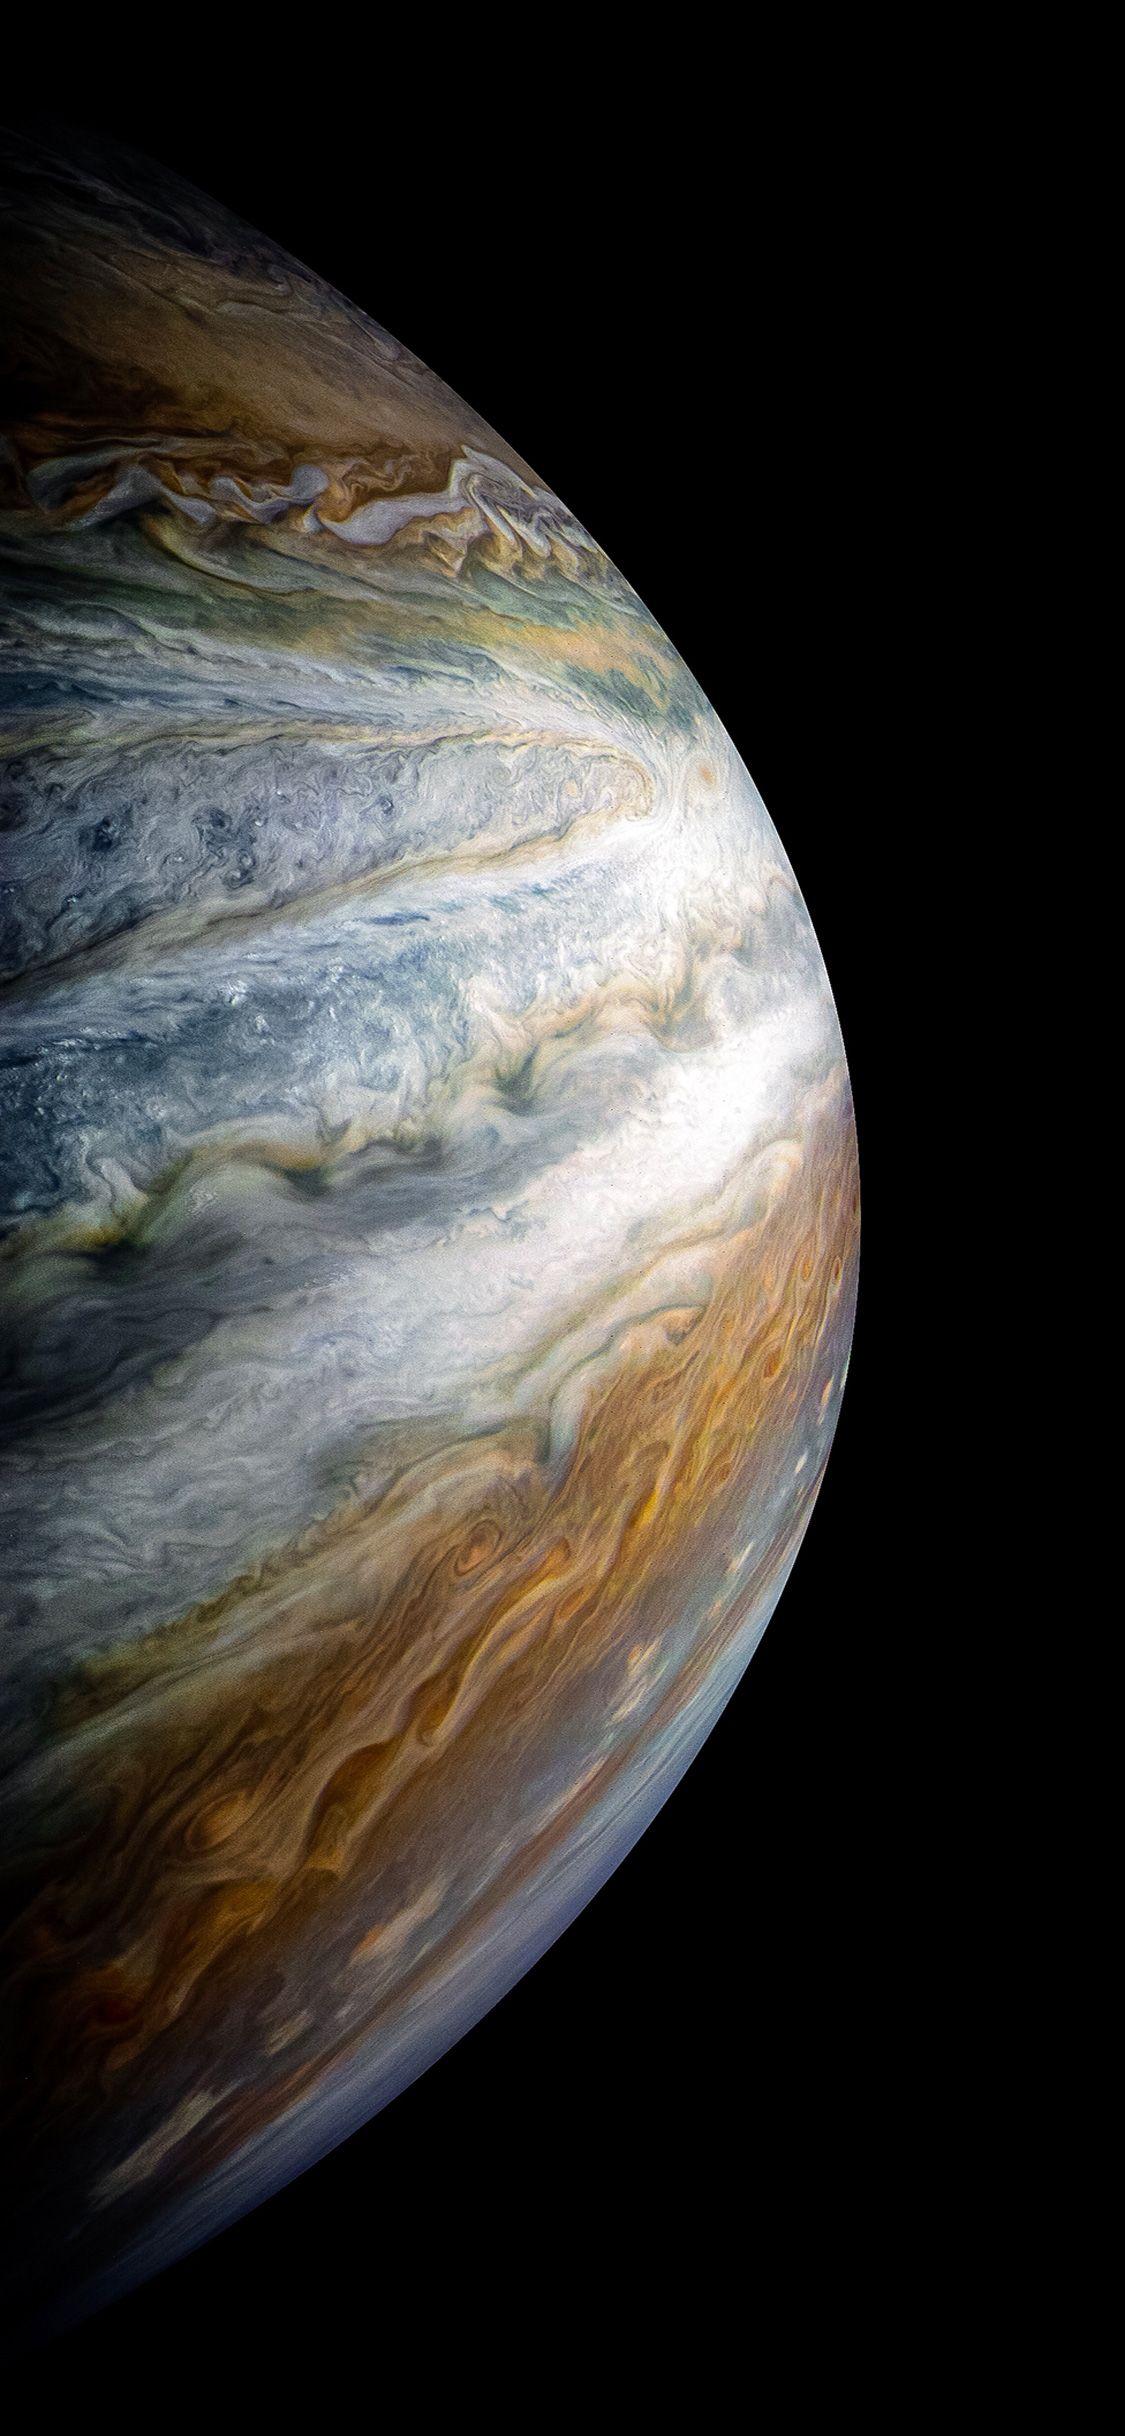 木星 Iphonexs 公式 壁紙 高画質 画像 ダウンロード 宇宙 壁紙